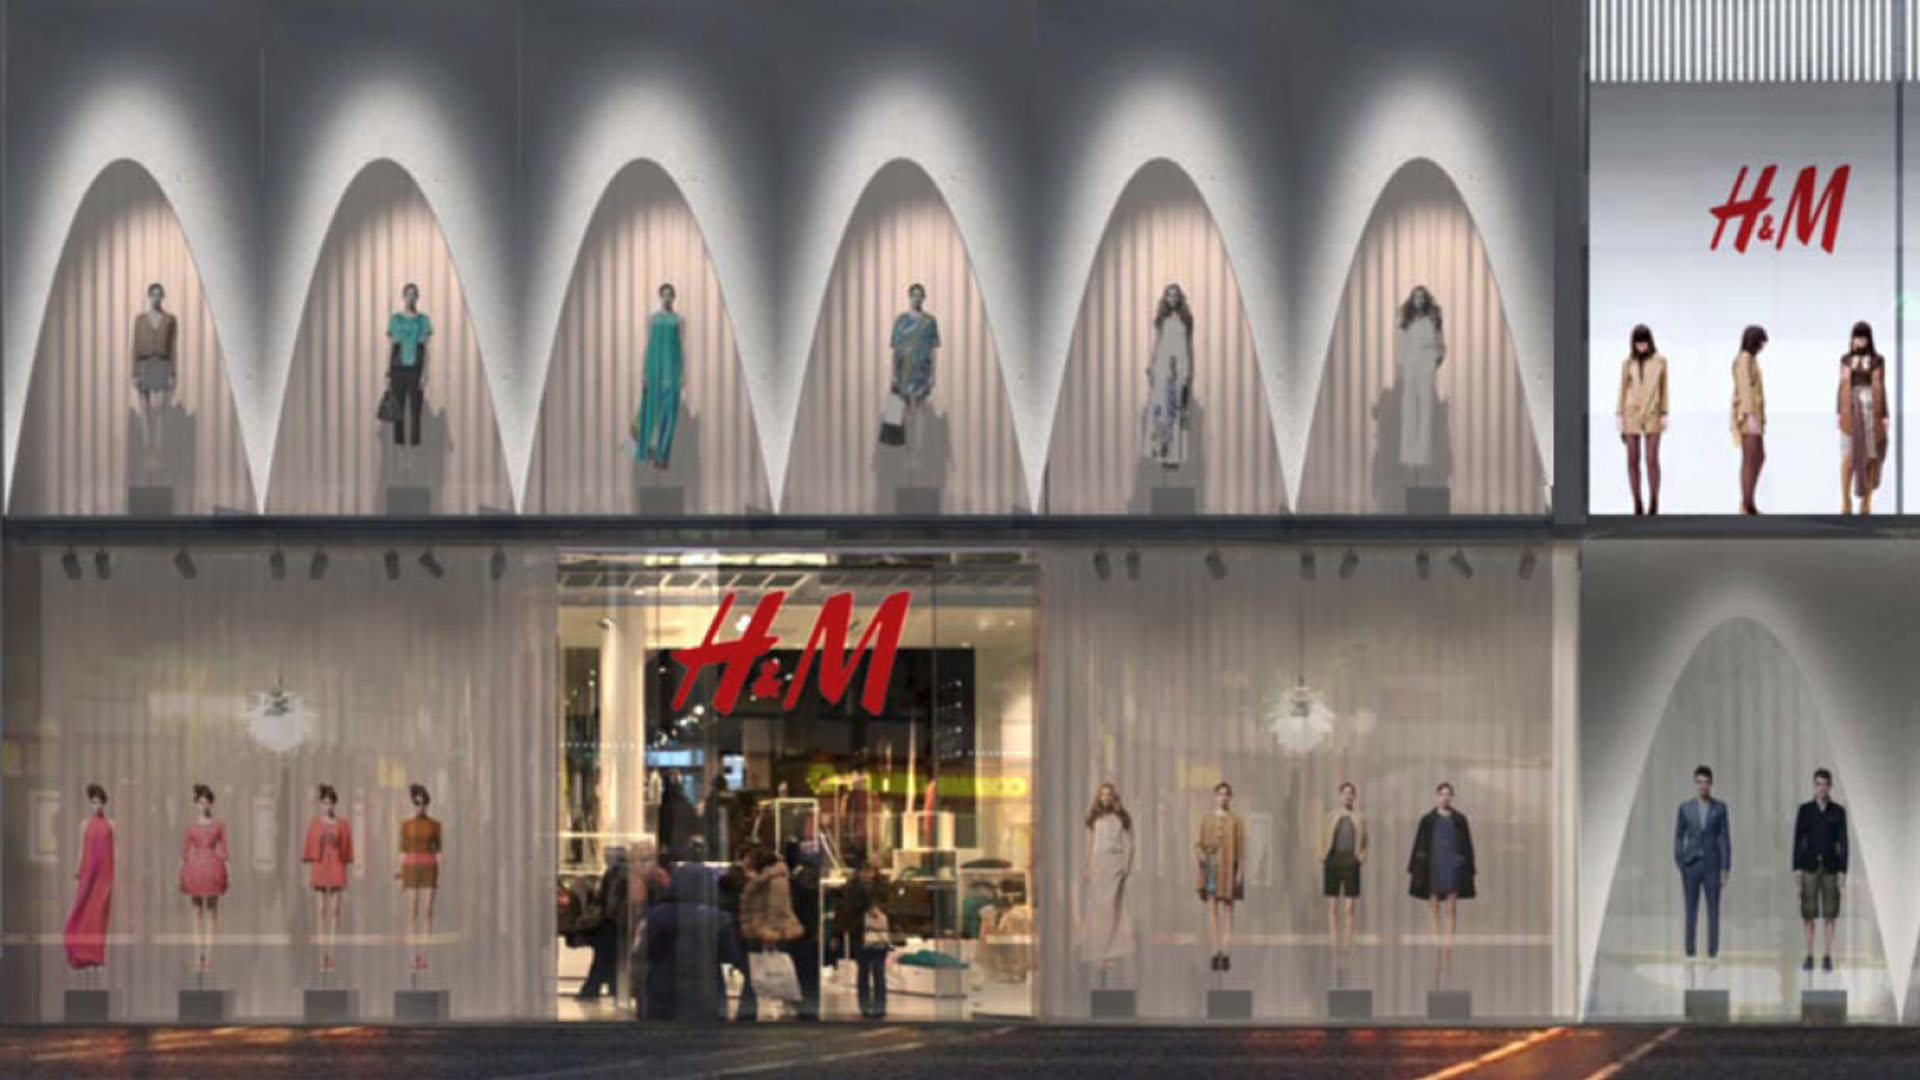 MAASS-Lichtplanung_Fassadenbeleuchtungskonzept für Frankfurter Geschäftshaus__MAASS-Zeil-008